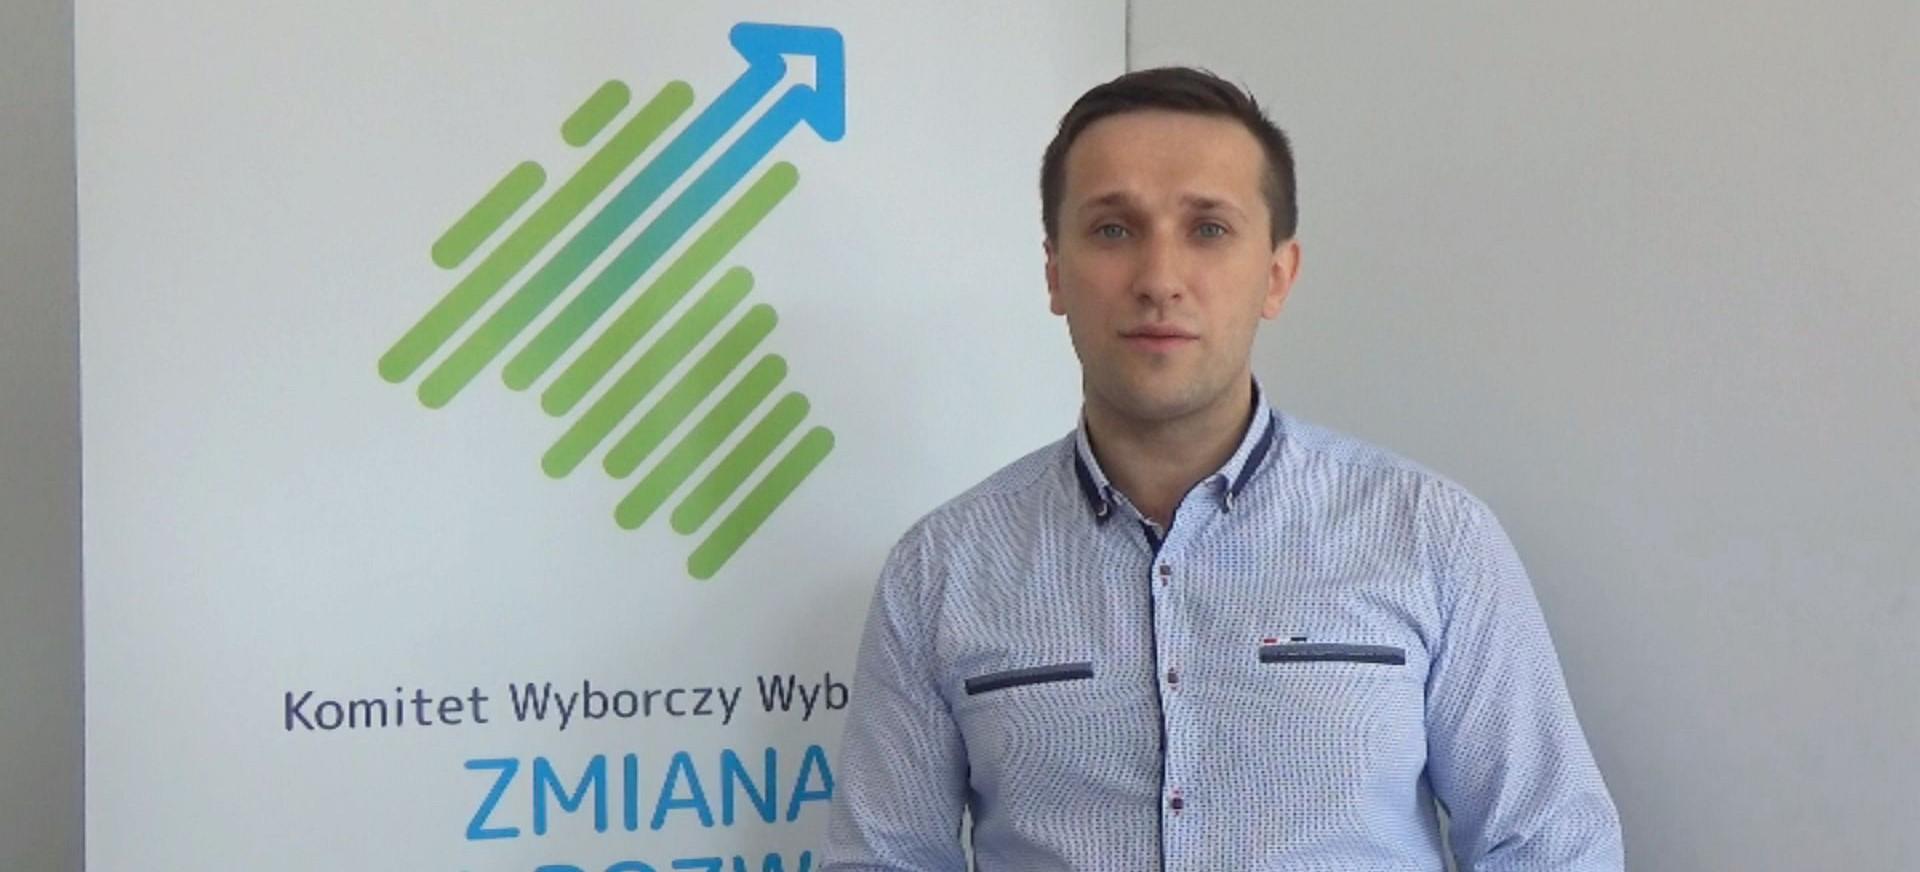 Szymon Stapiński otwiera drzwi Zmiany Dla Rozwoju i zaprasza mieszkańców (FILM)